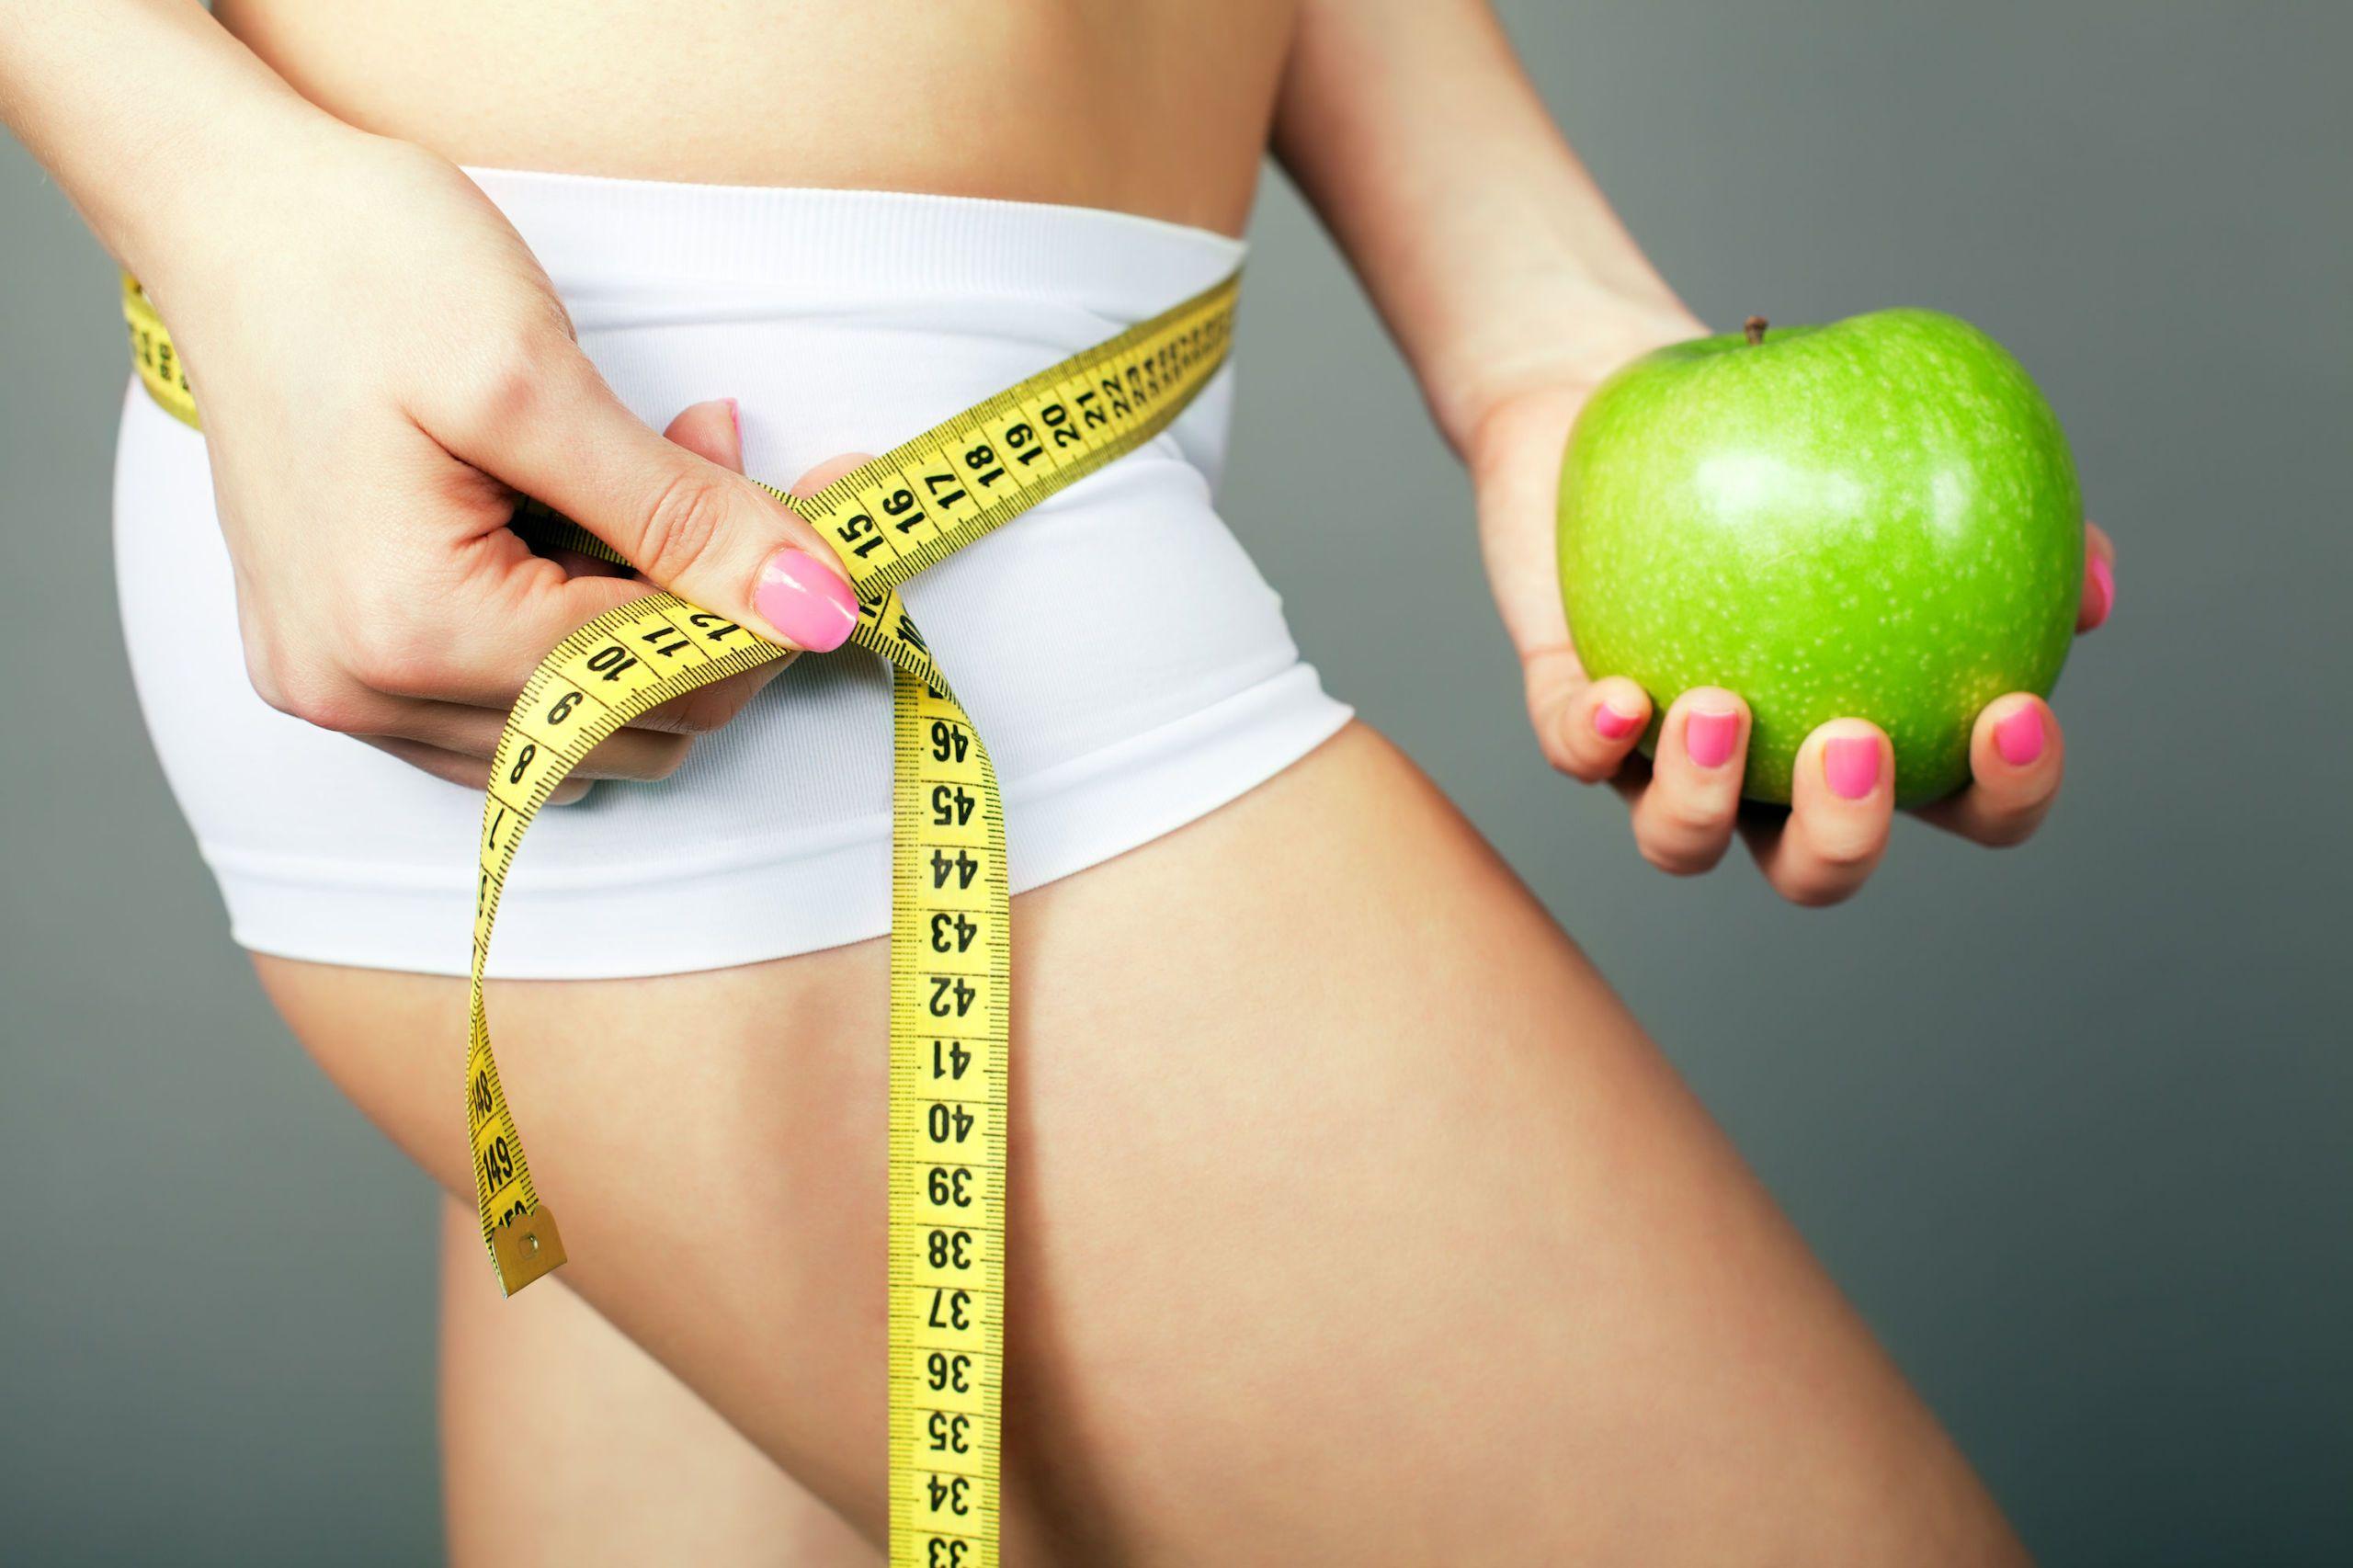 come perdere peso a 75 anni